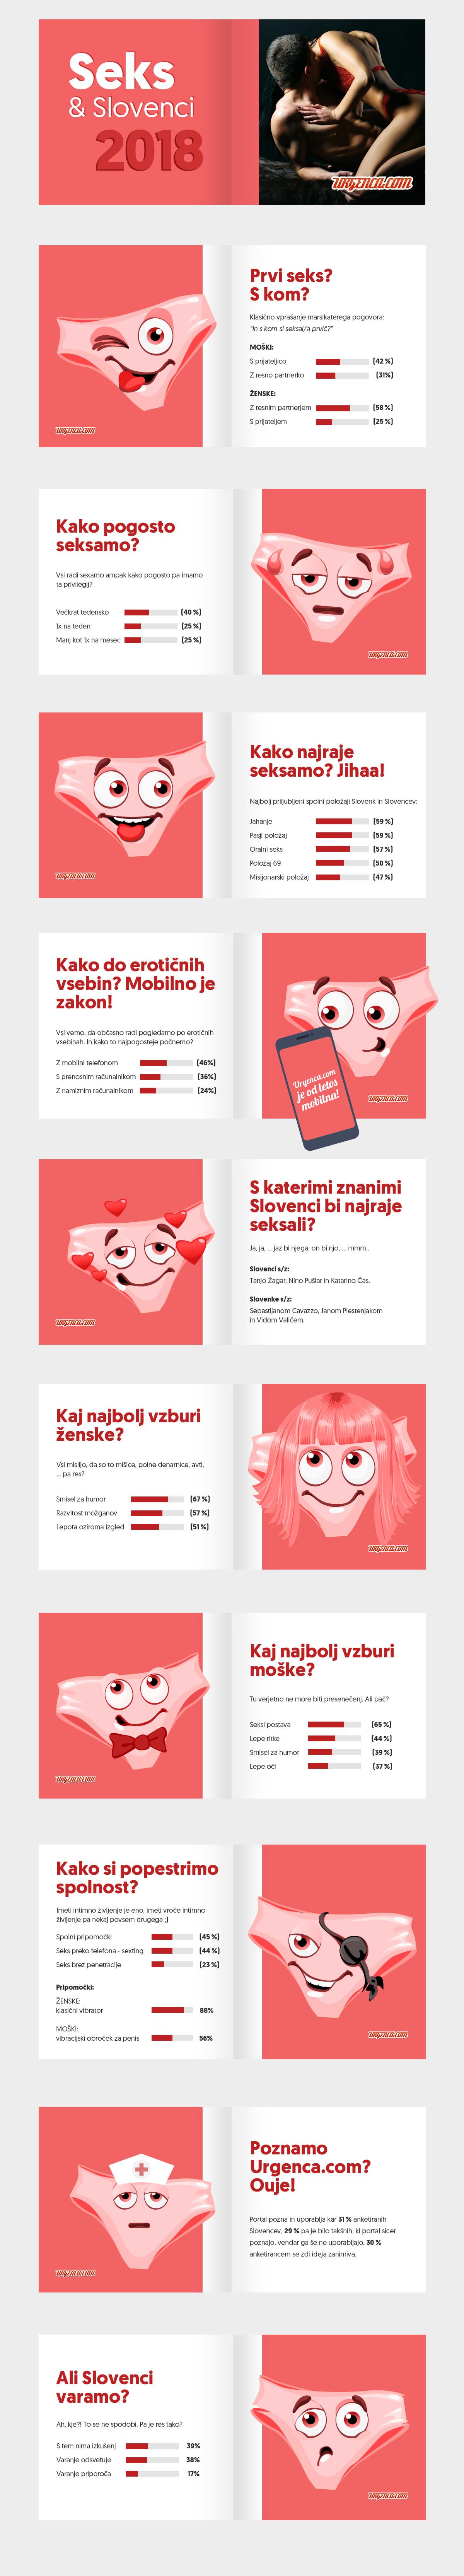 Seks in Slovenci infografika